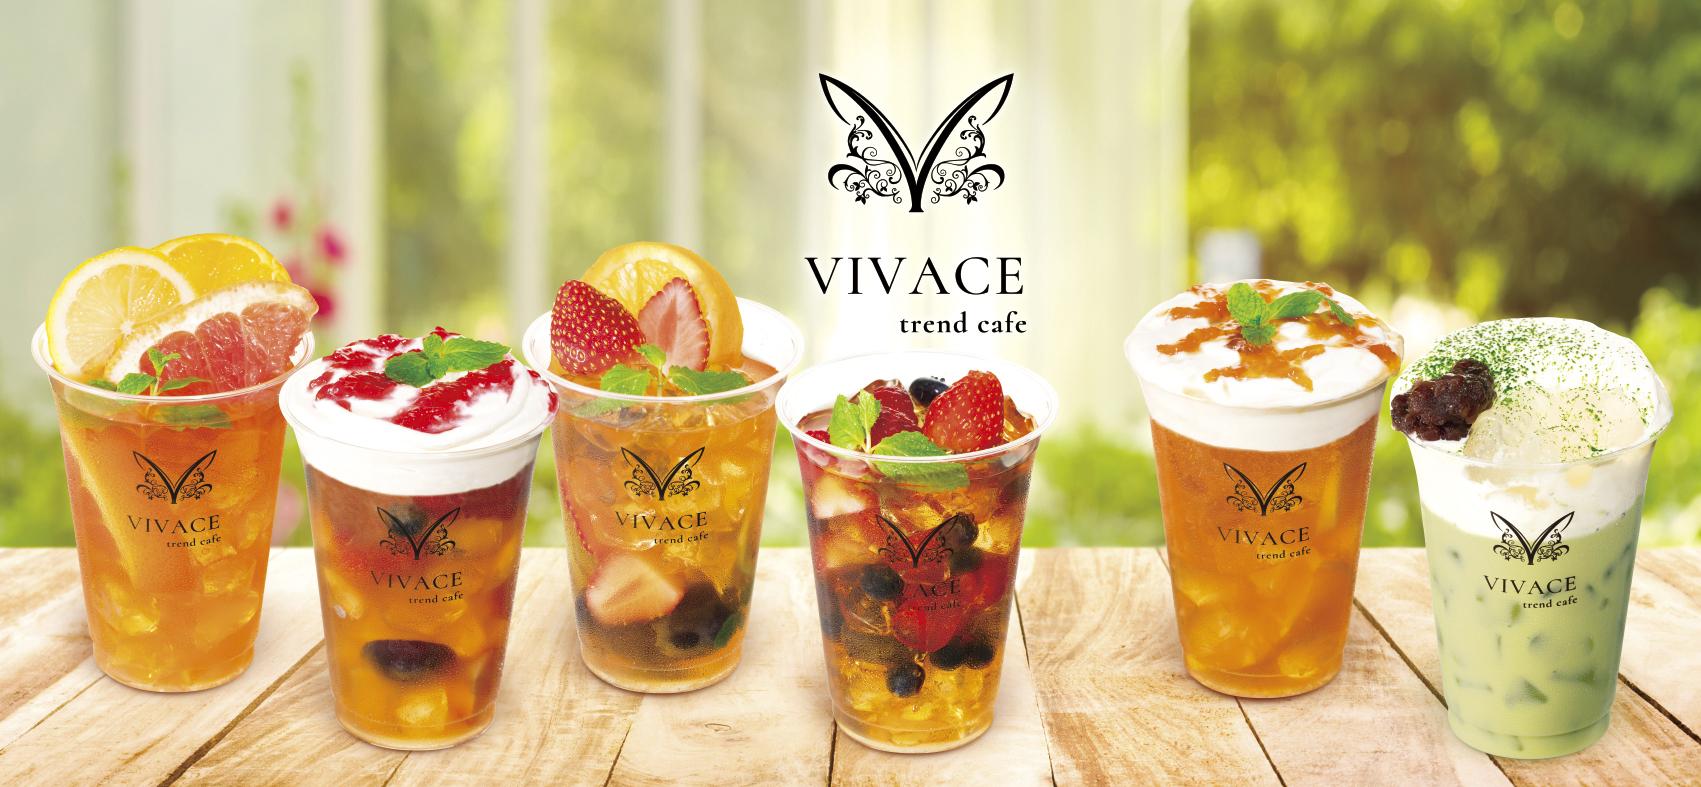 """""""食べる紅茶""""や""""新食感ドーナツ""""を味わえる😮🍩 『VIVACE trend cafe』が自由が丘にオープン🍀"""